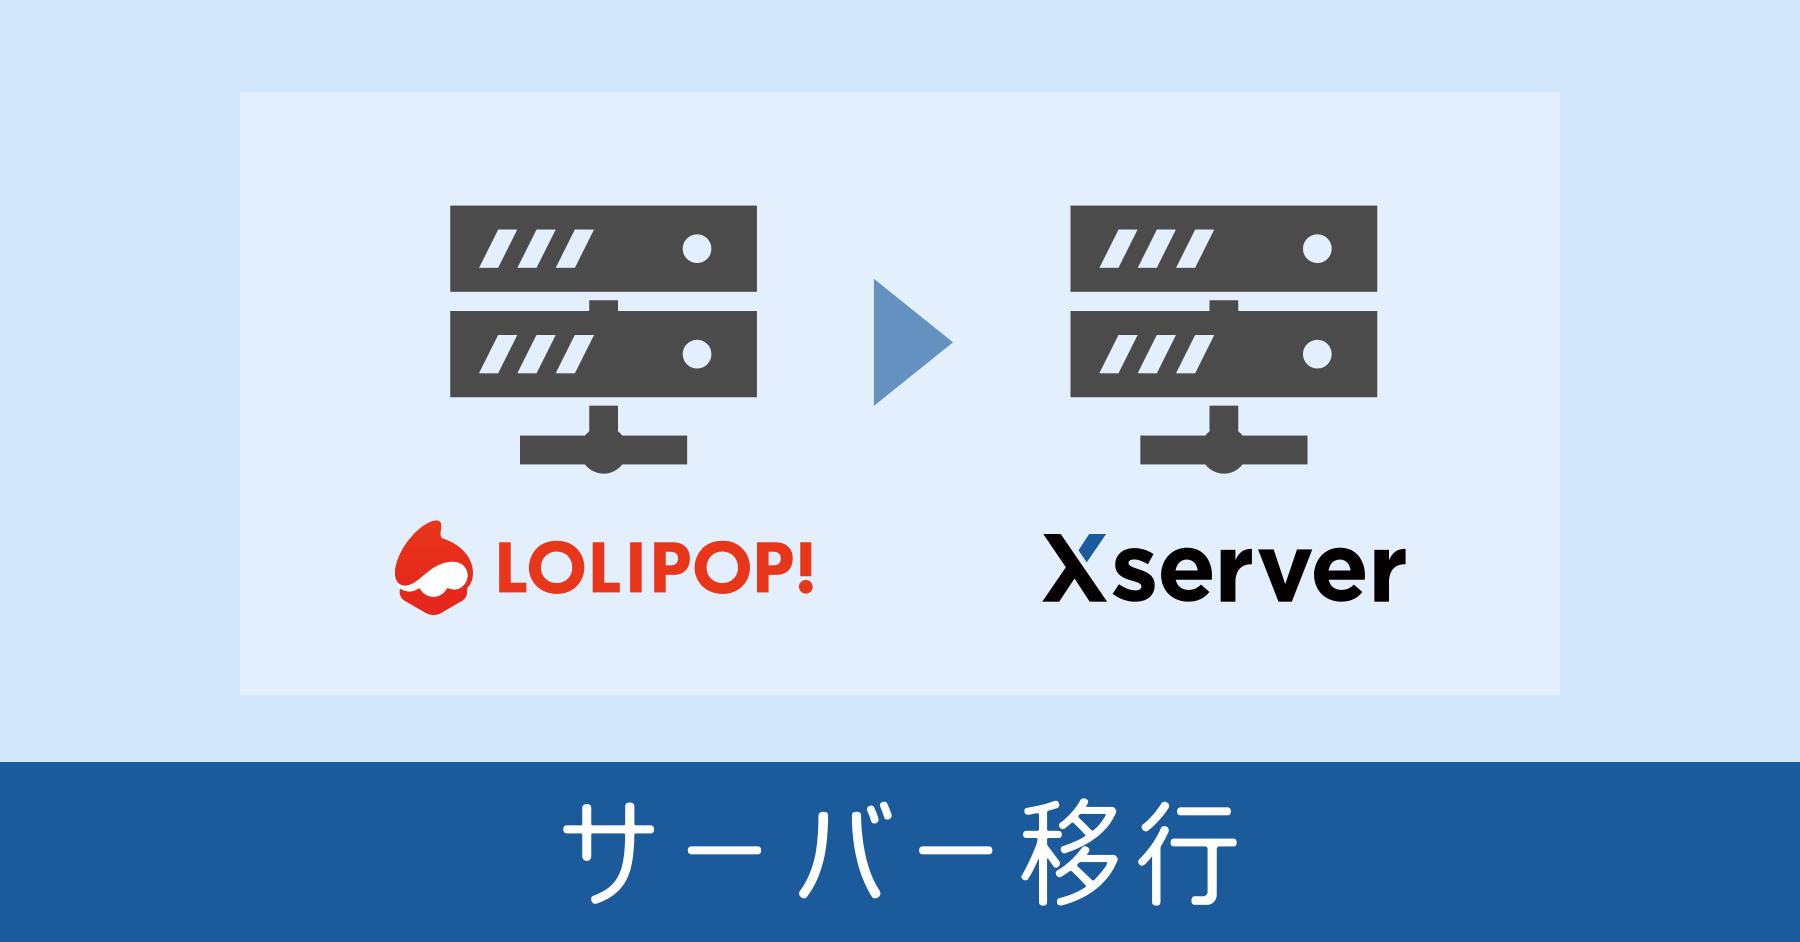 ロリポップから XSERVER へサーバー移行